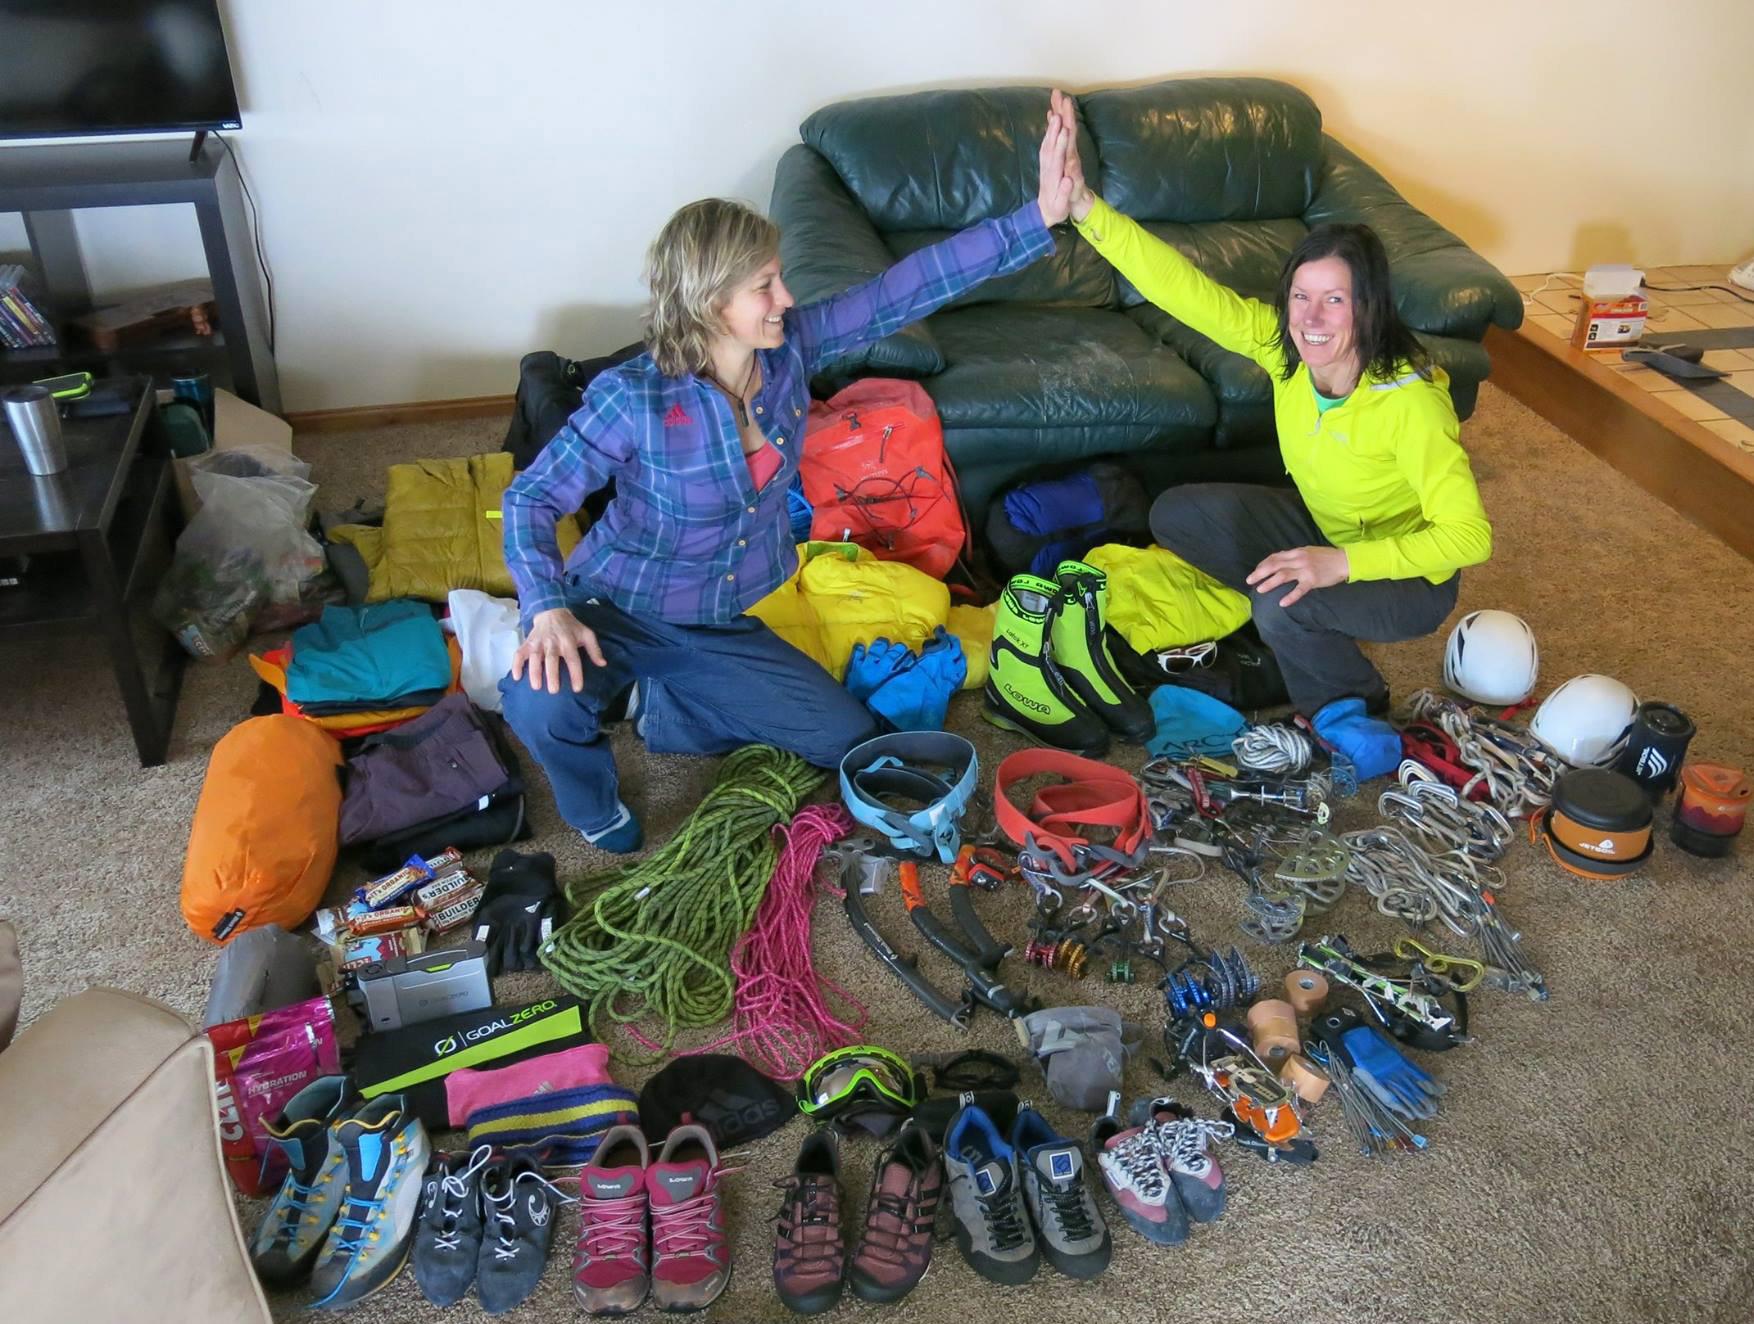 Ines Papert und Mayan Smith-Gobat mit ihrer Ausrüstung